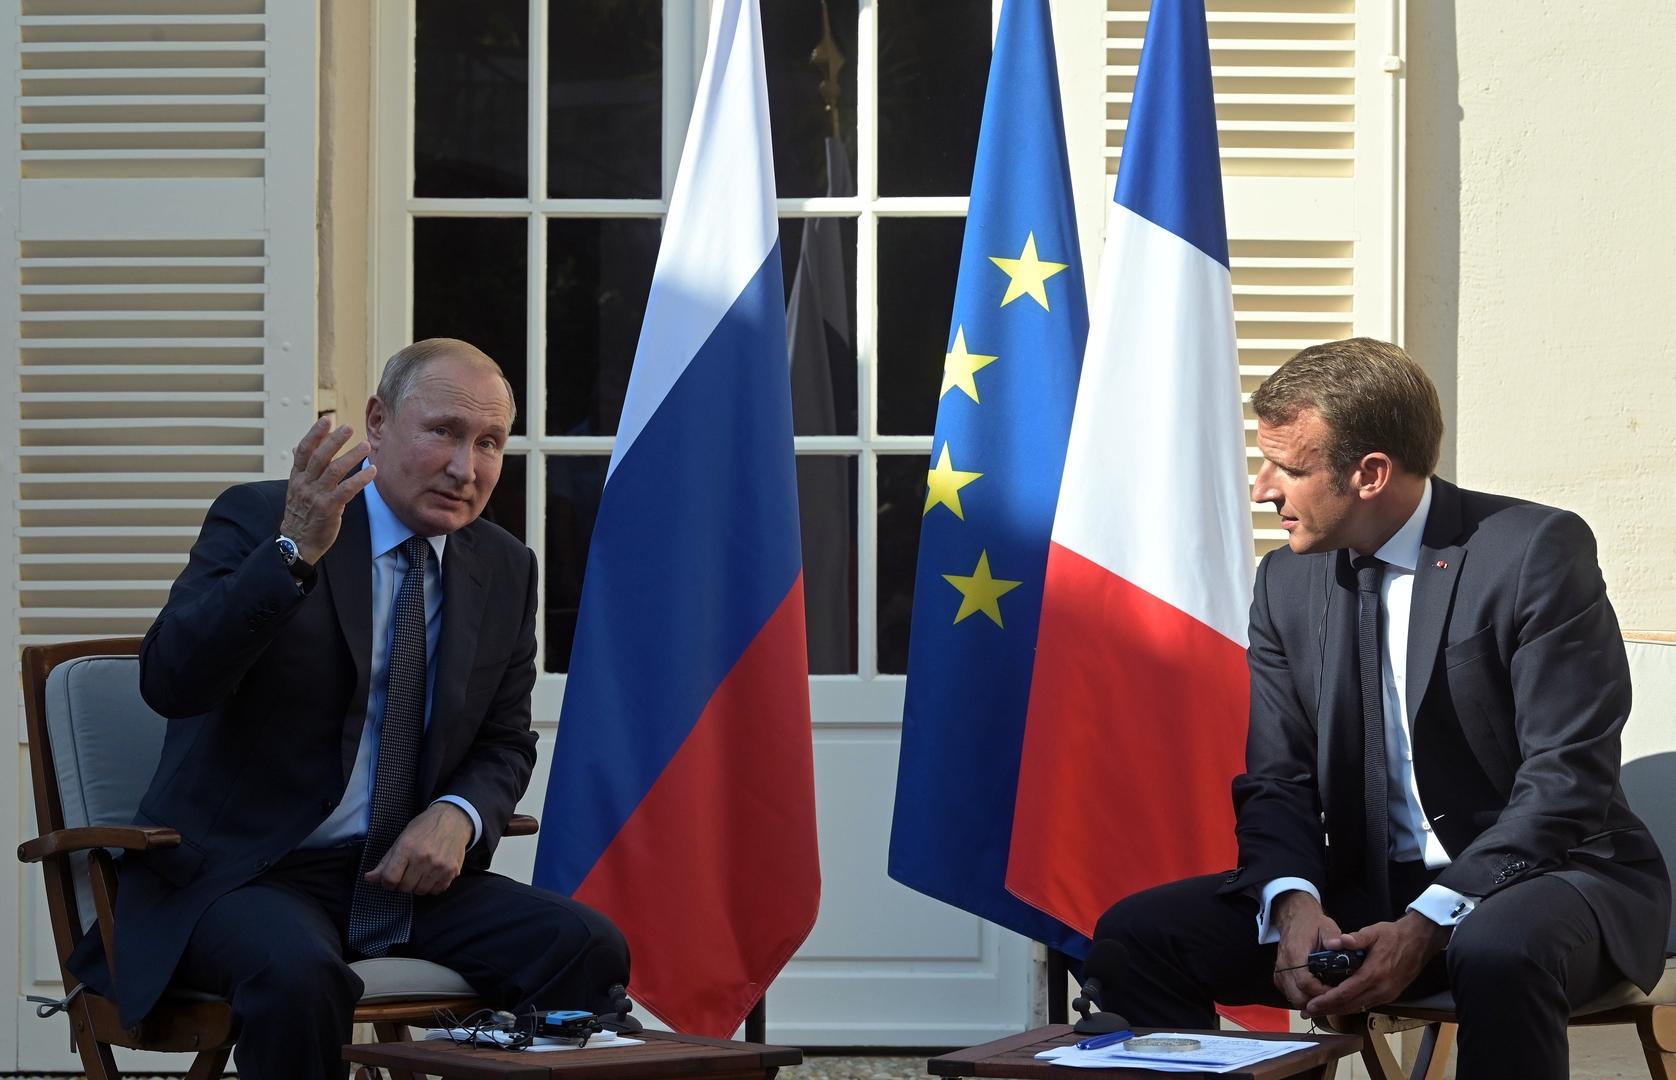 بوتين وماكرون يؤكدان استعداد بلديهما للمساهمة في تسوية الأزمة الليبية سياسيا